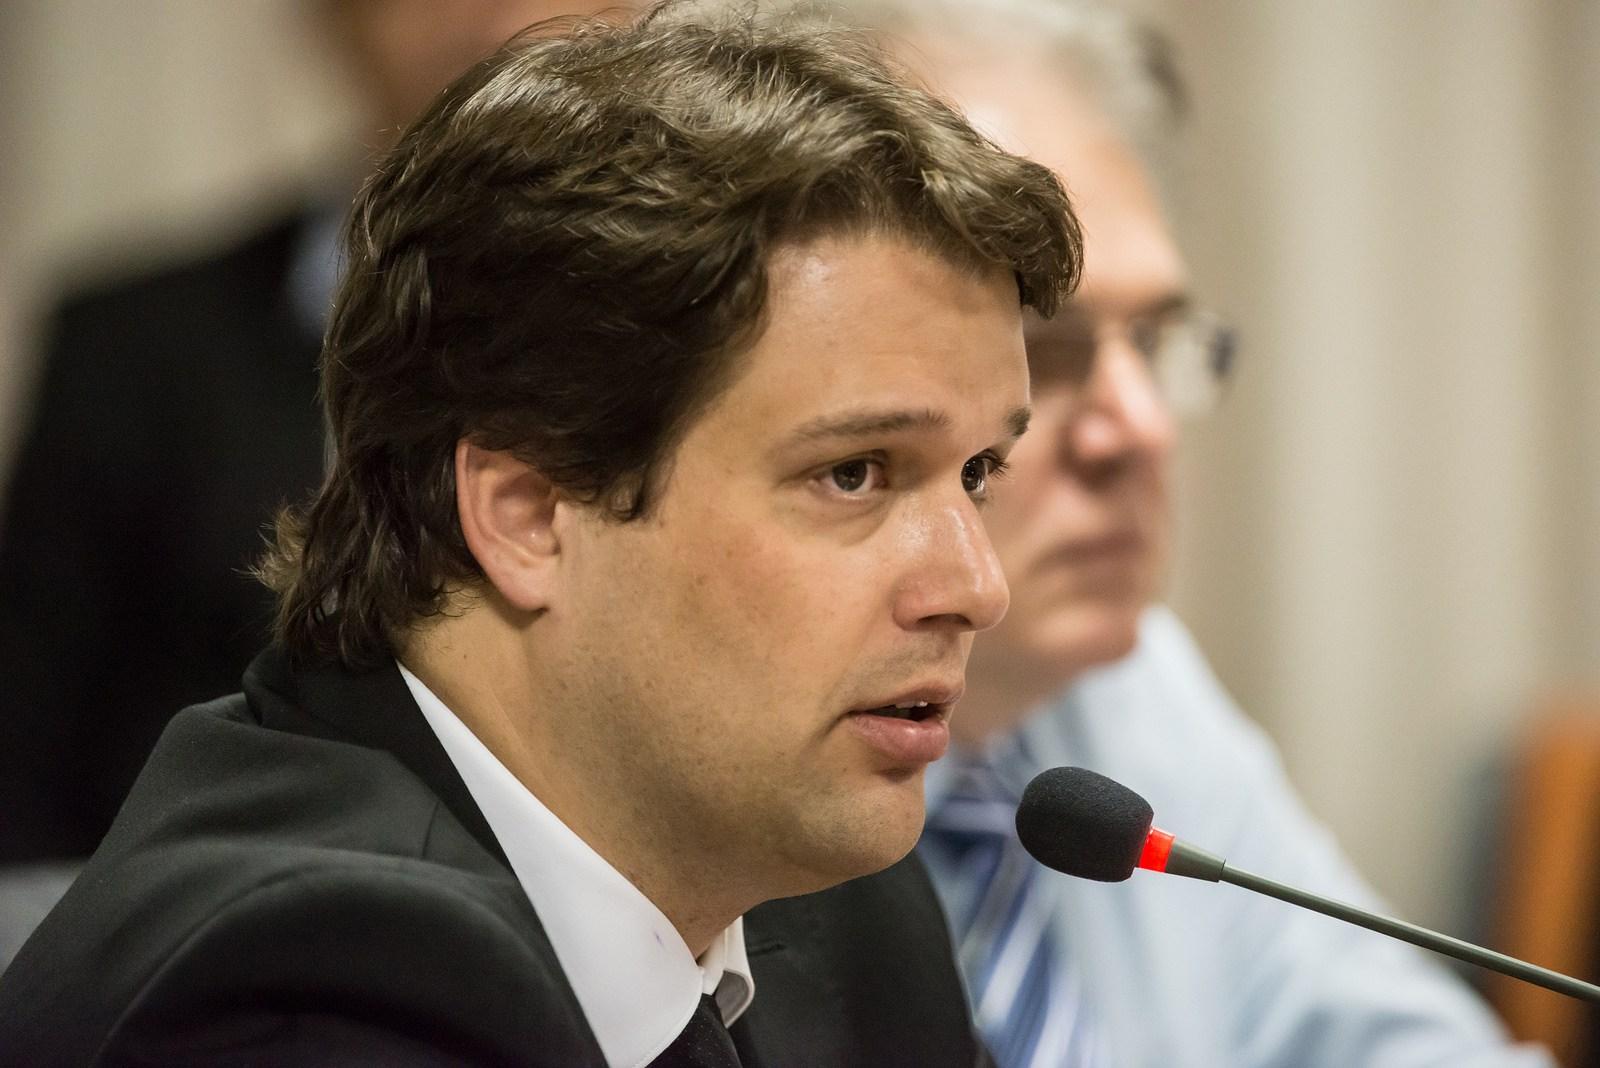 Justiça cassa candidatura de ex-secretário de Estado à eleição da Fiemt